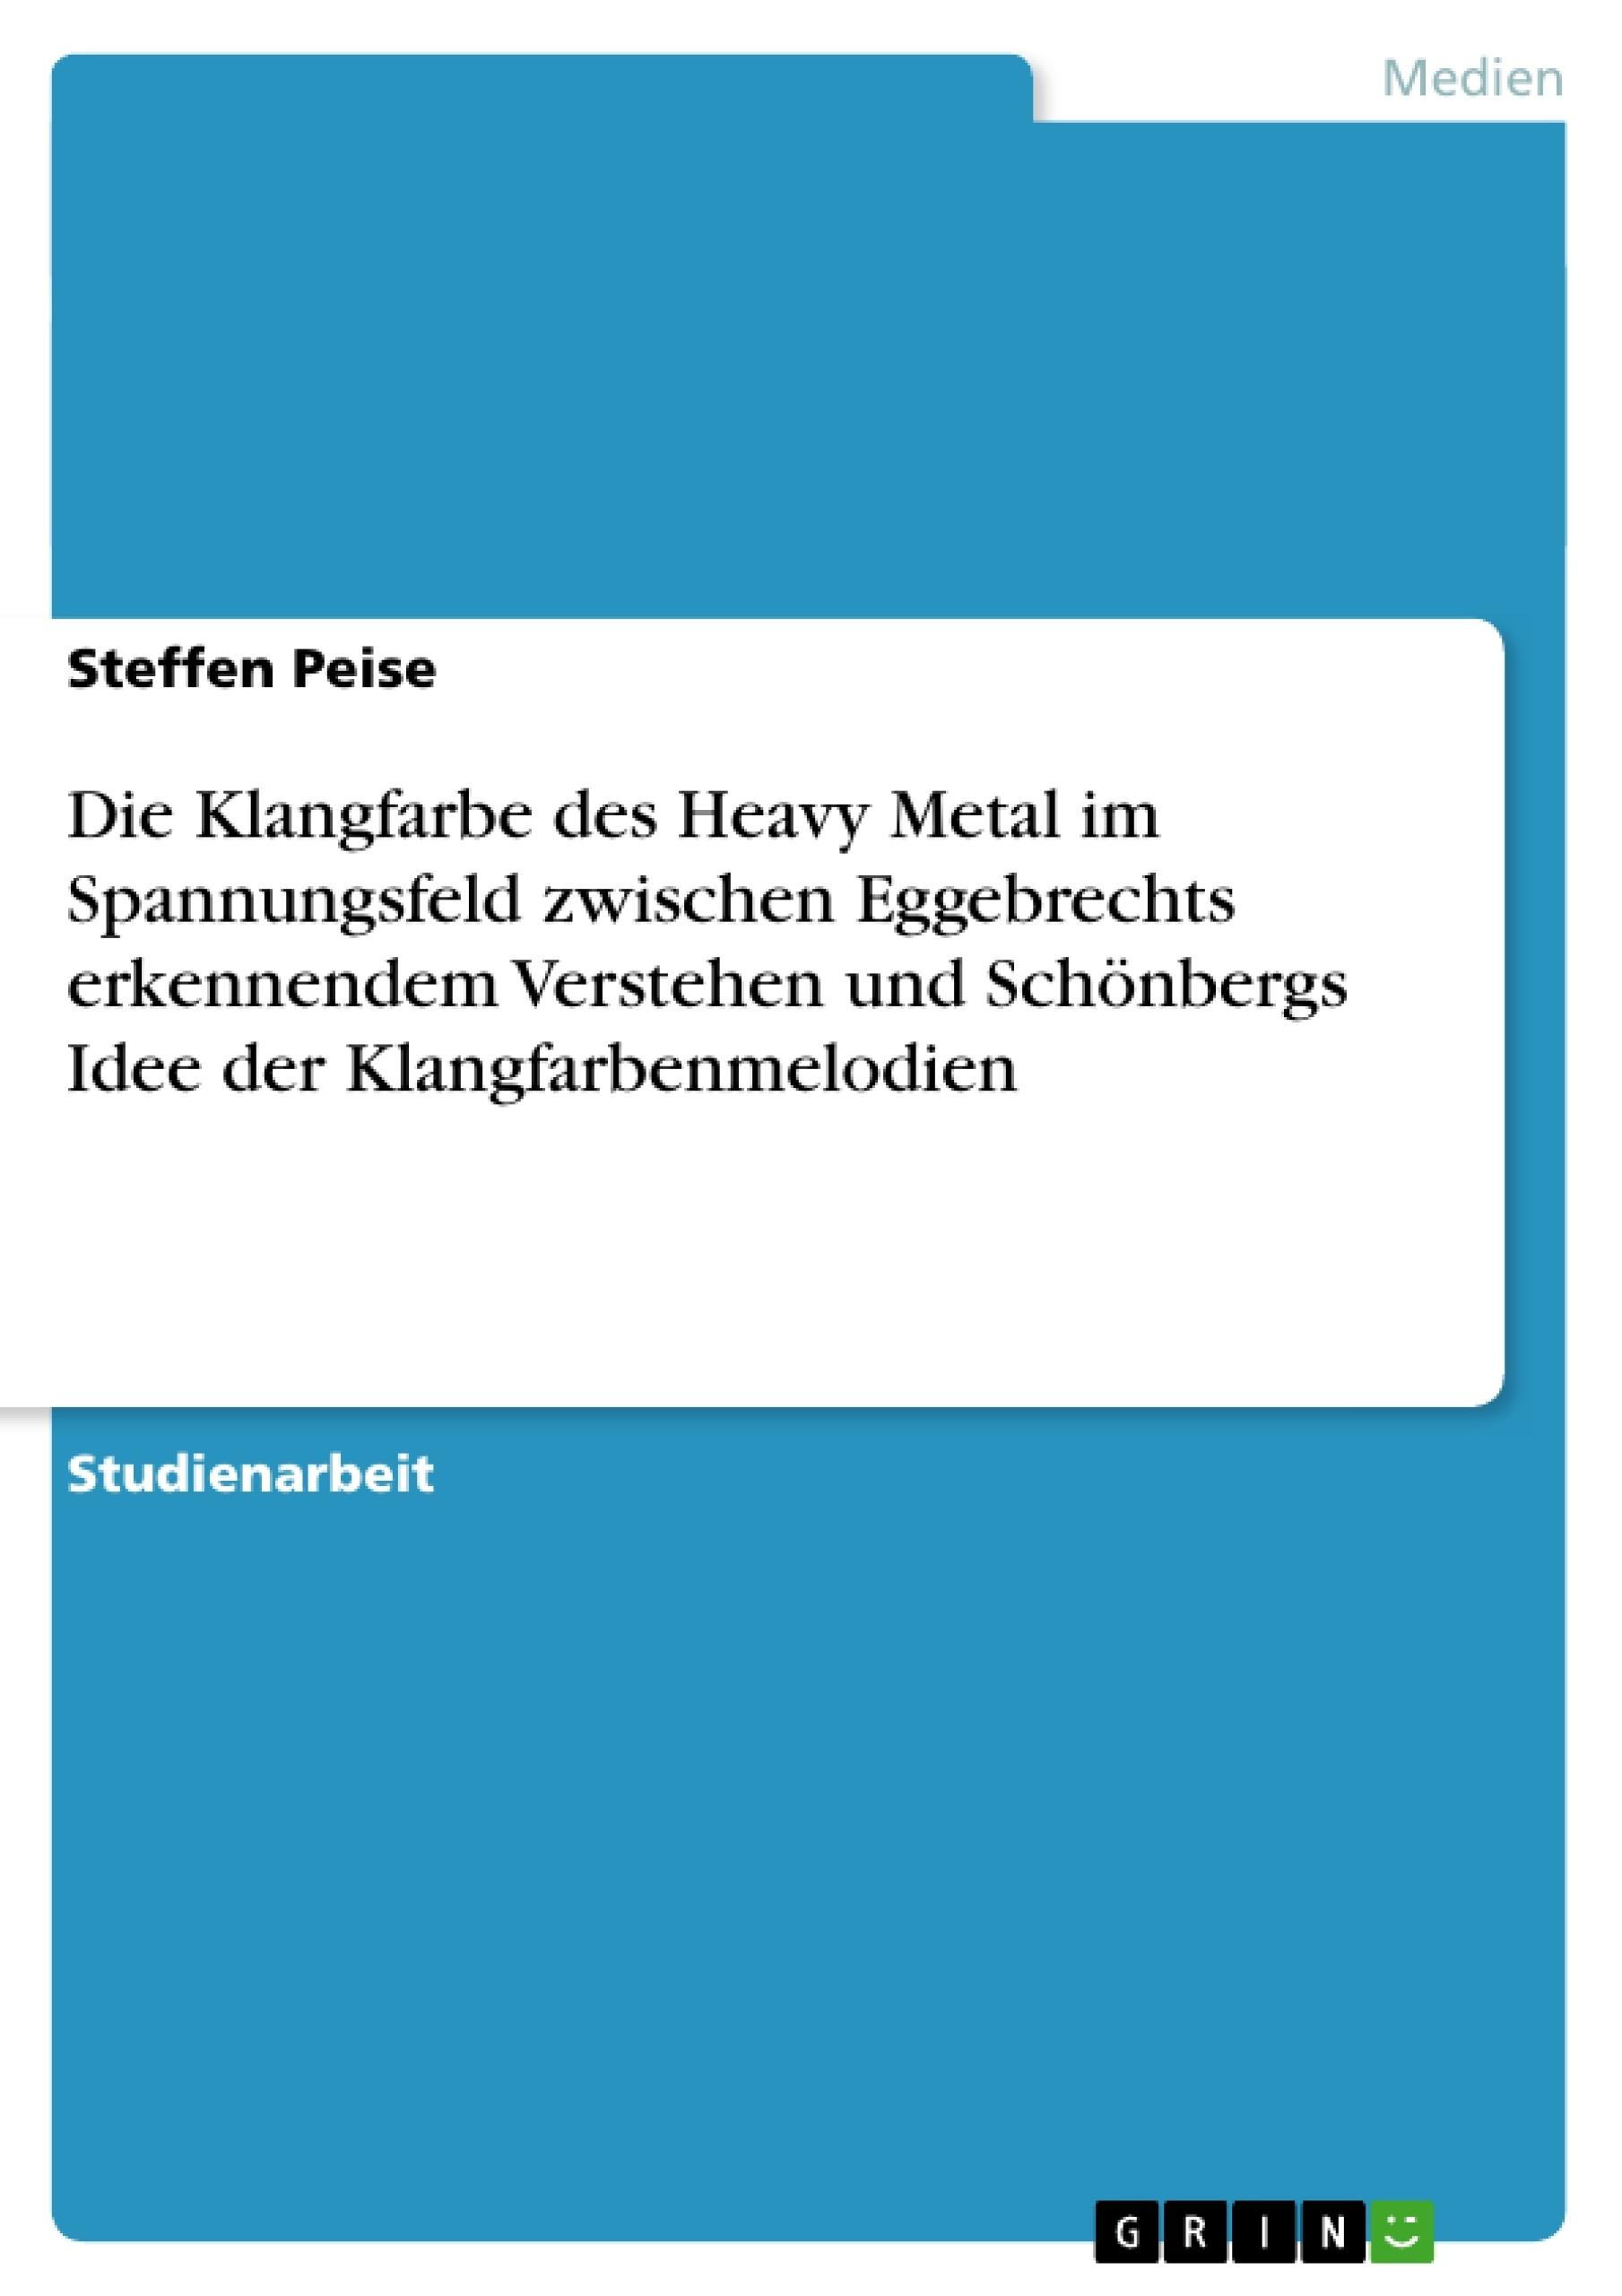 Titel: Die Klangfarbe des Heavy Metal im Spannungsfeld zwischen Eggebrechts erkennendem Verstehen und Schönbergs Idee der Klangfarbenmelodien